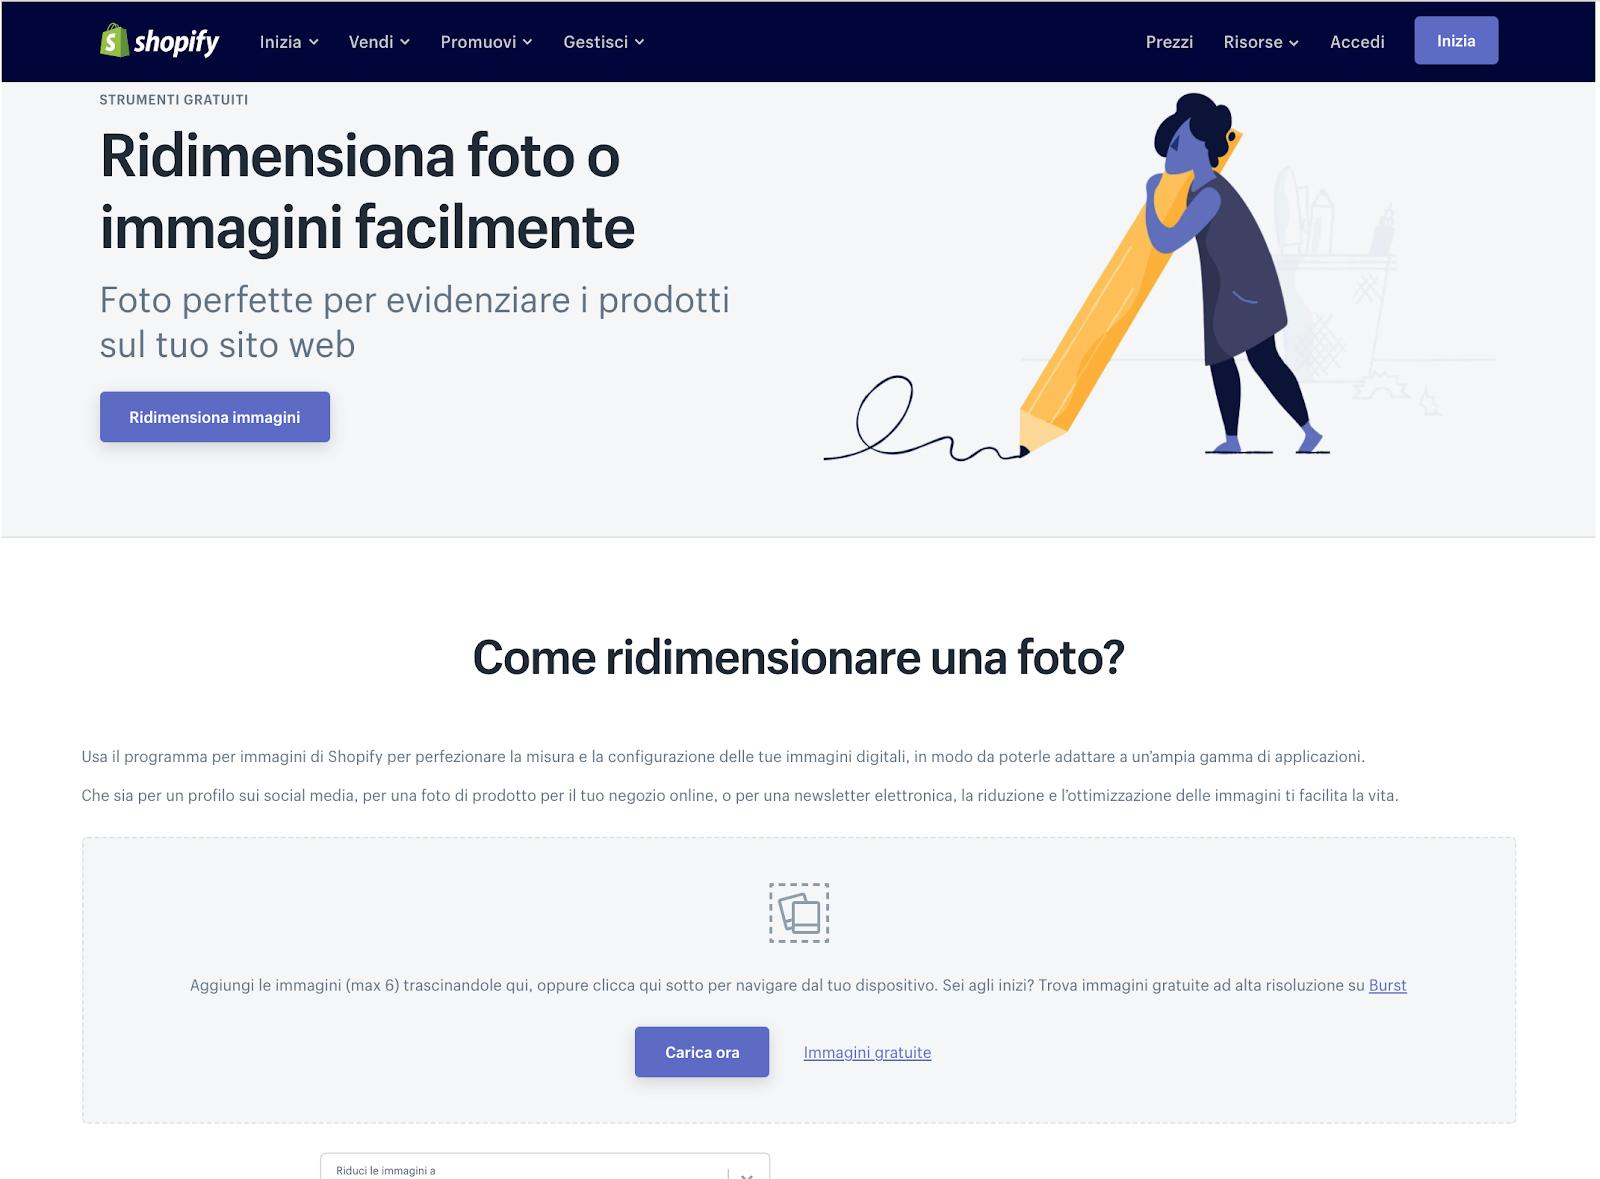 ridimensionare immagini online gratis con Shopify